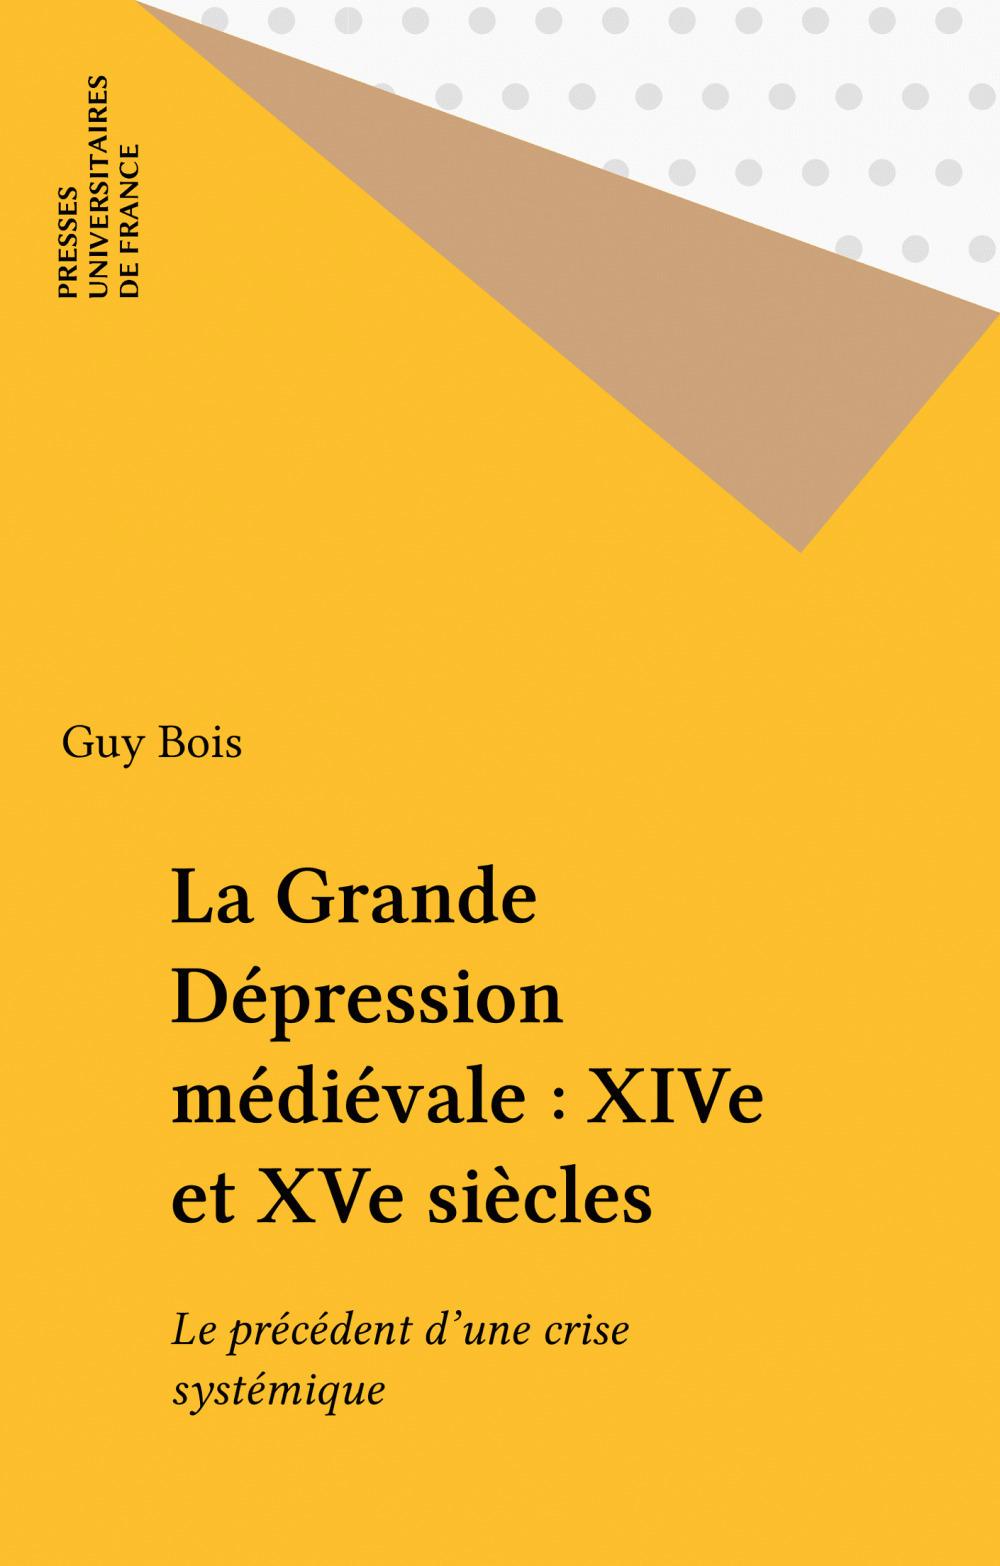 La Grande Dépression médiévale : XIVe et XVe siècles  - Guy Bois